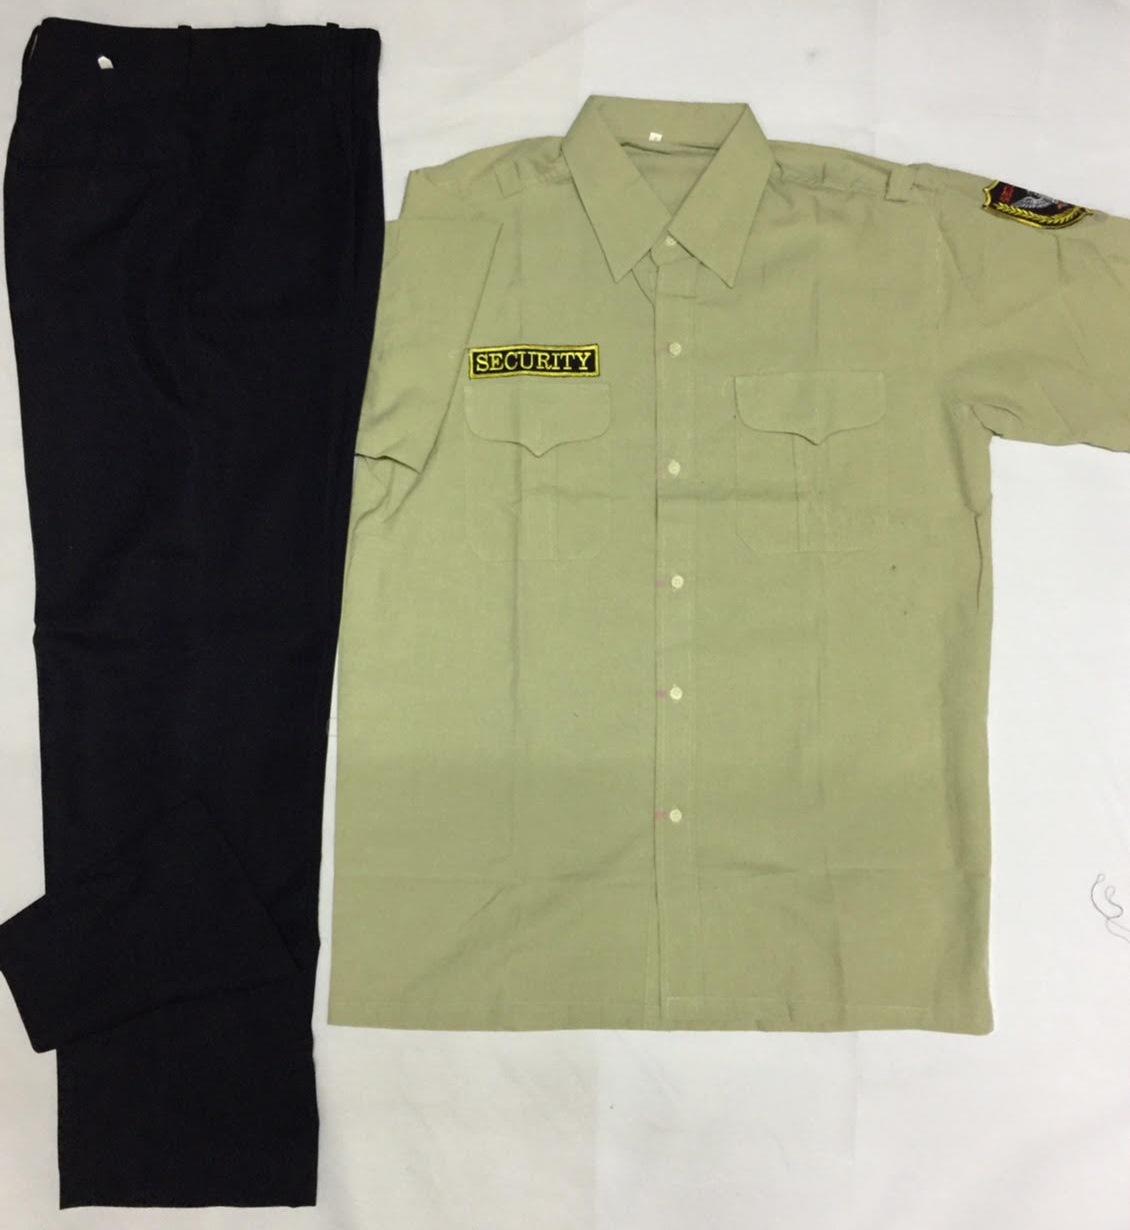 Quần áo bảo vệ theo yêu cầu giá tốt 02